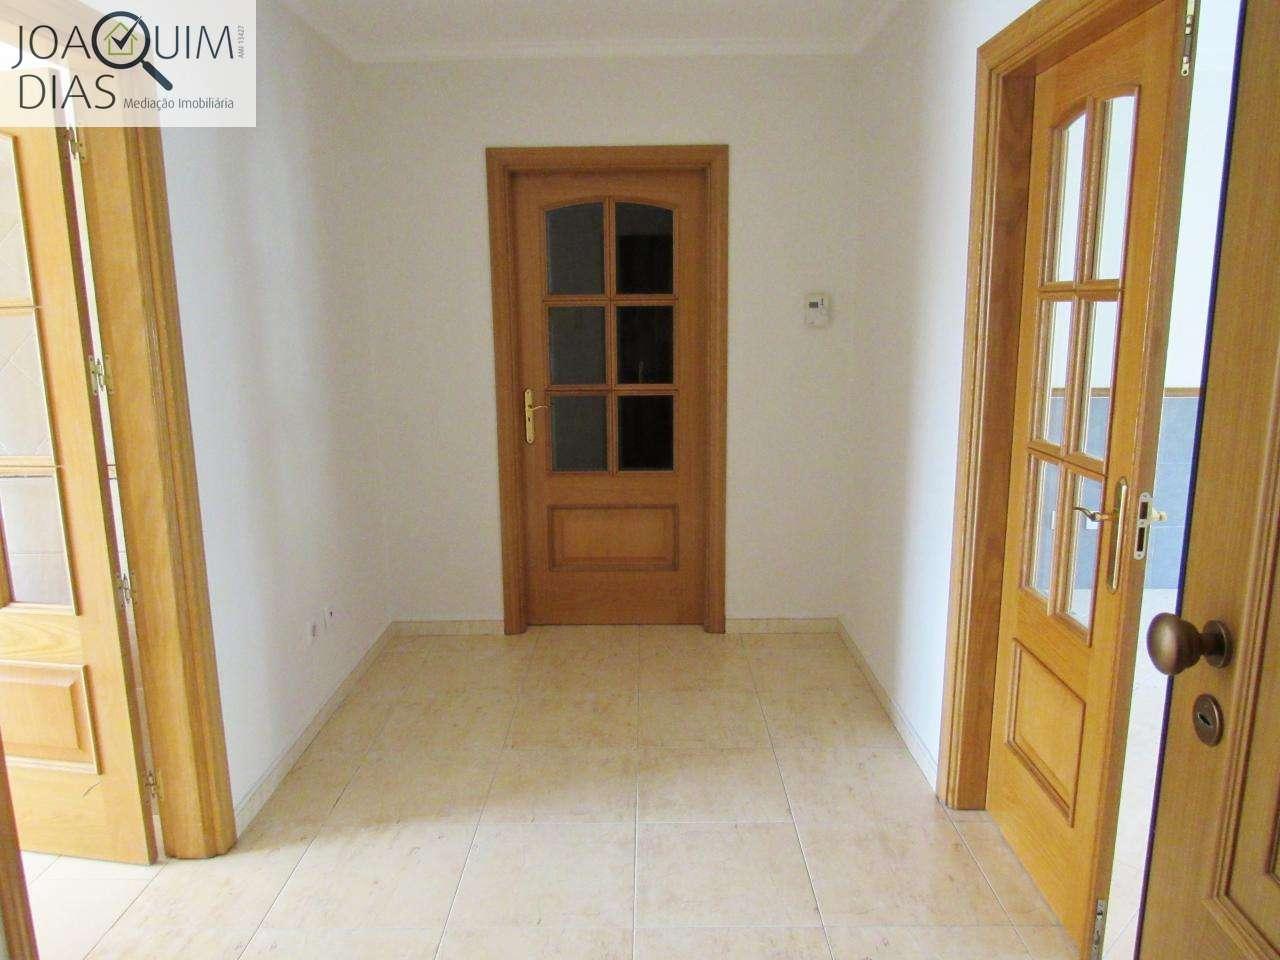 Apartamento para comprar, Malveira e São Miguel de Alcainça, Lisboa - Foto 18